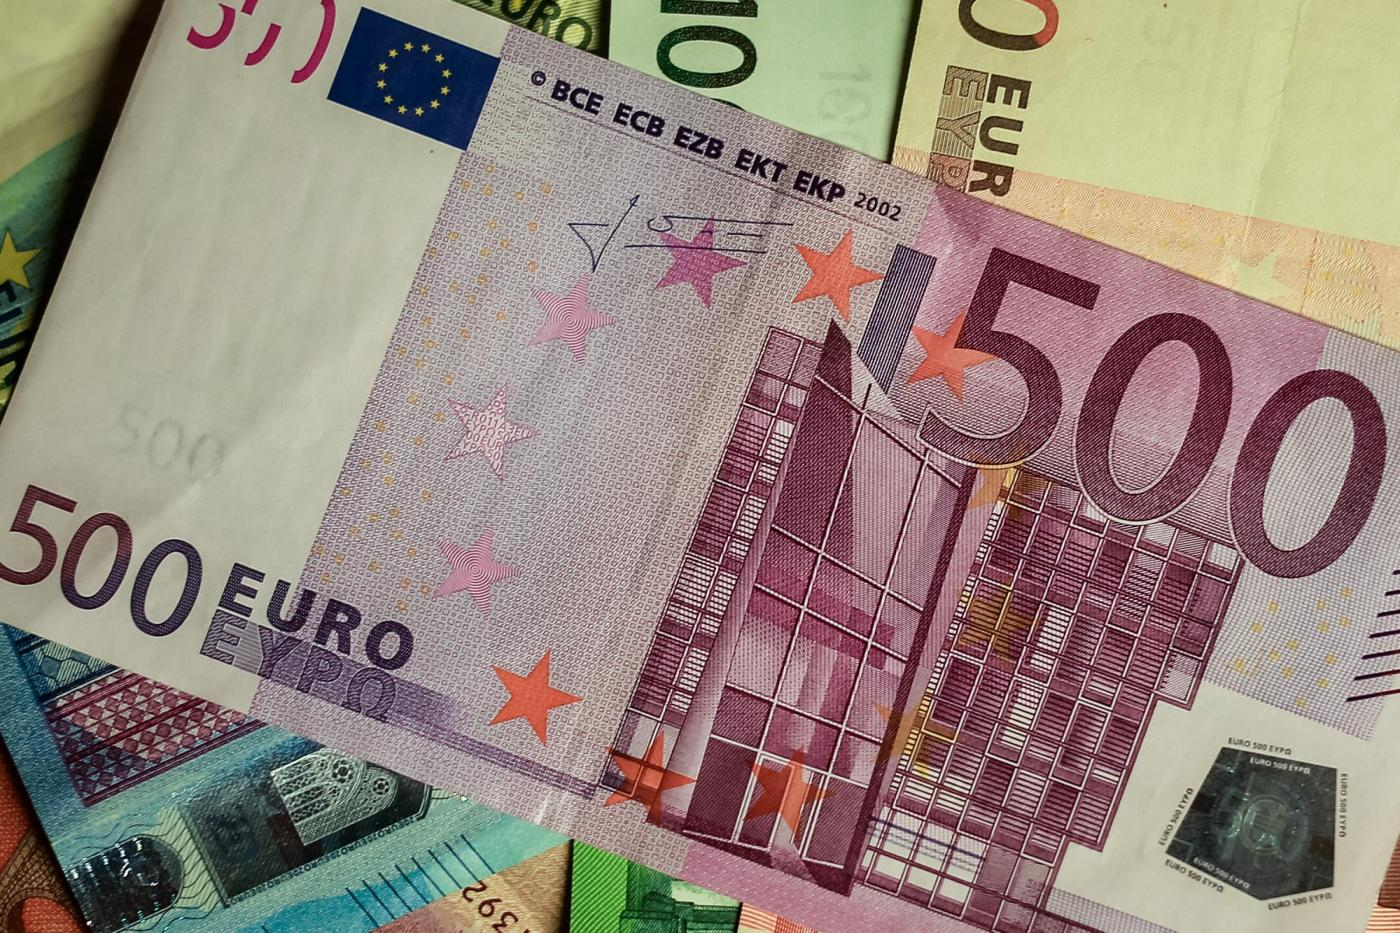 Banconote in euro, commissioni banche